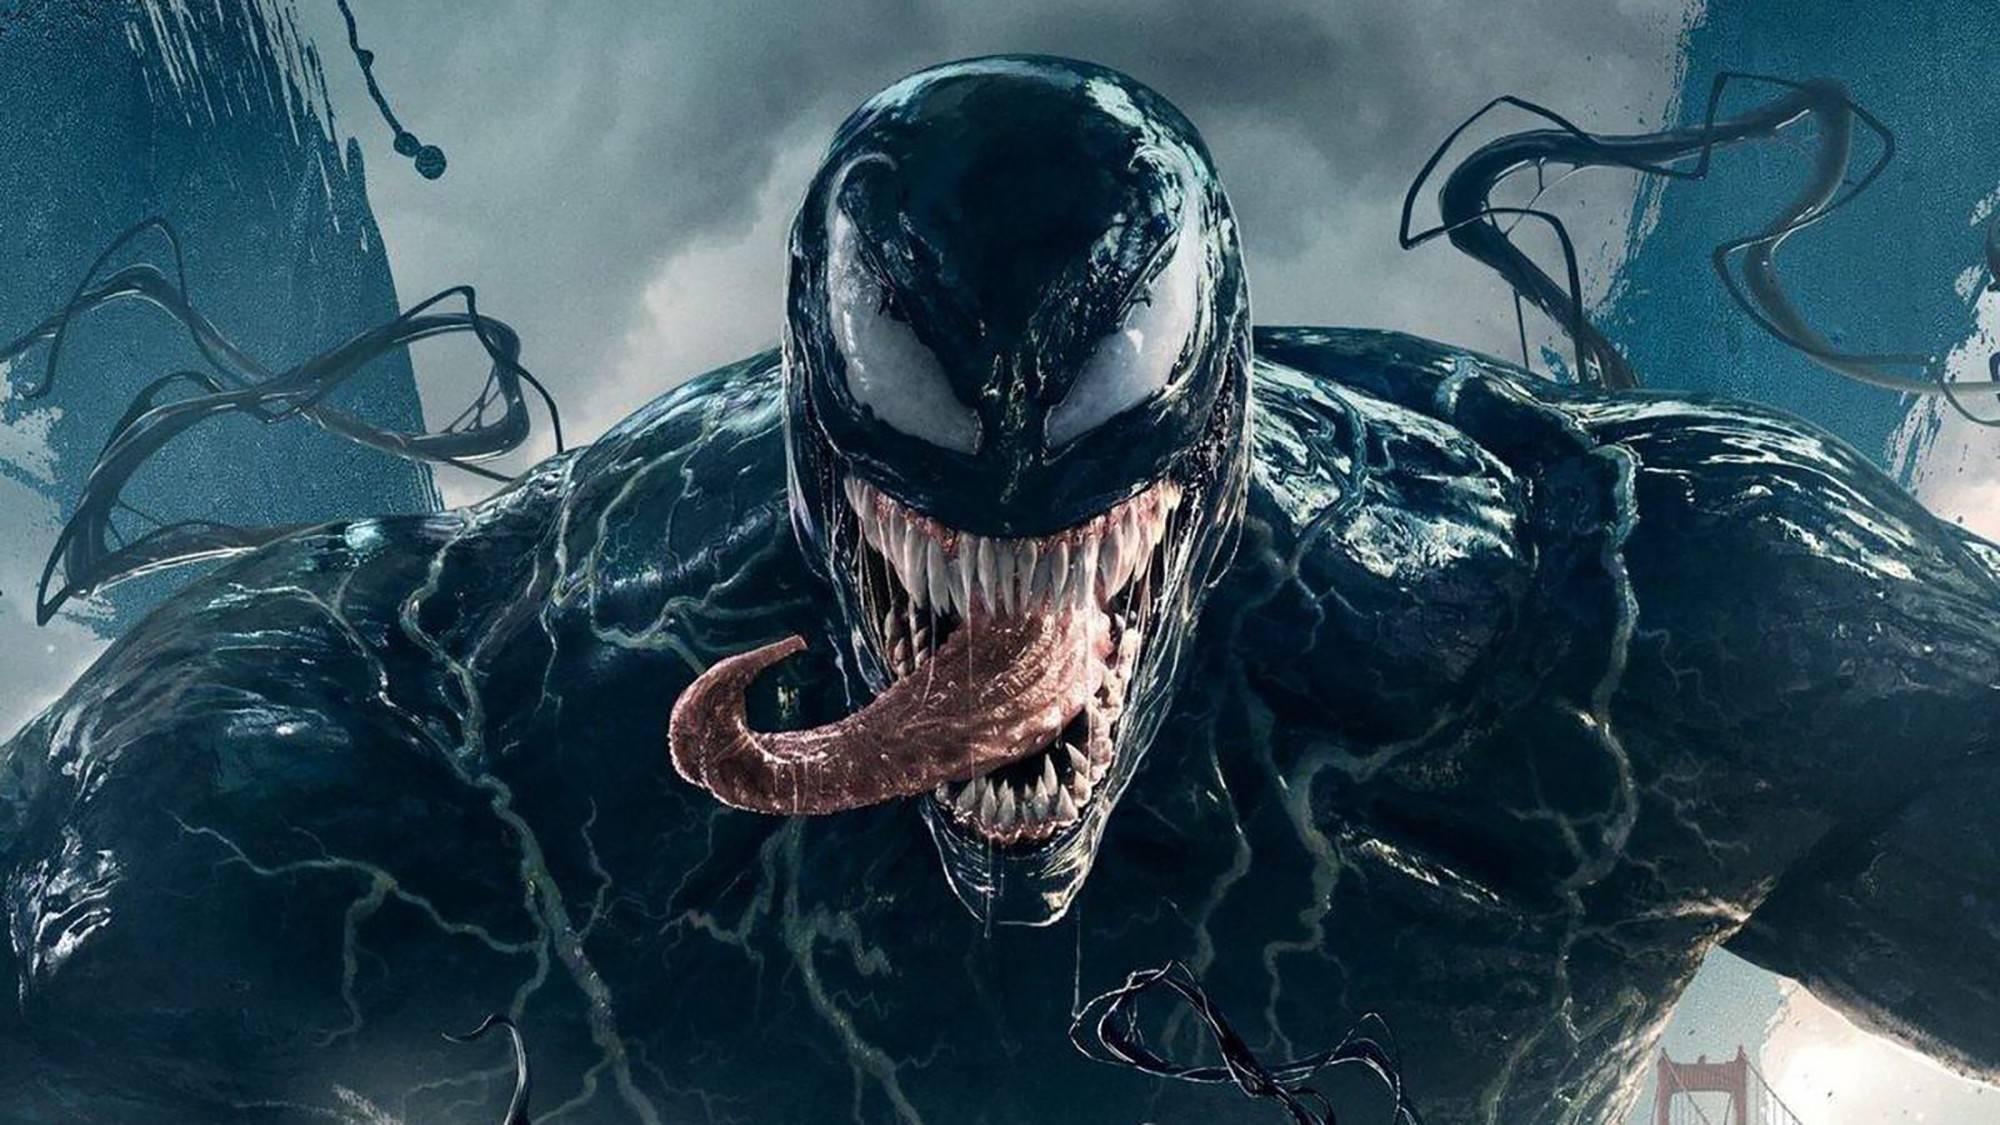 СМИ: Marvel Studios попросила вырезать камео Тома Холланда из «Венома»